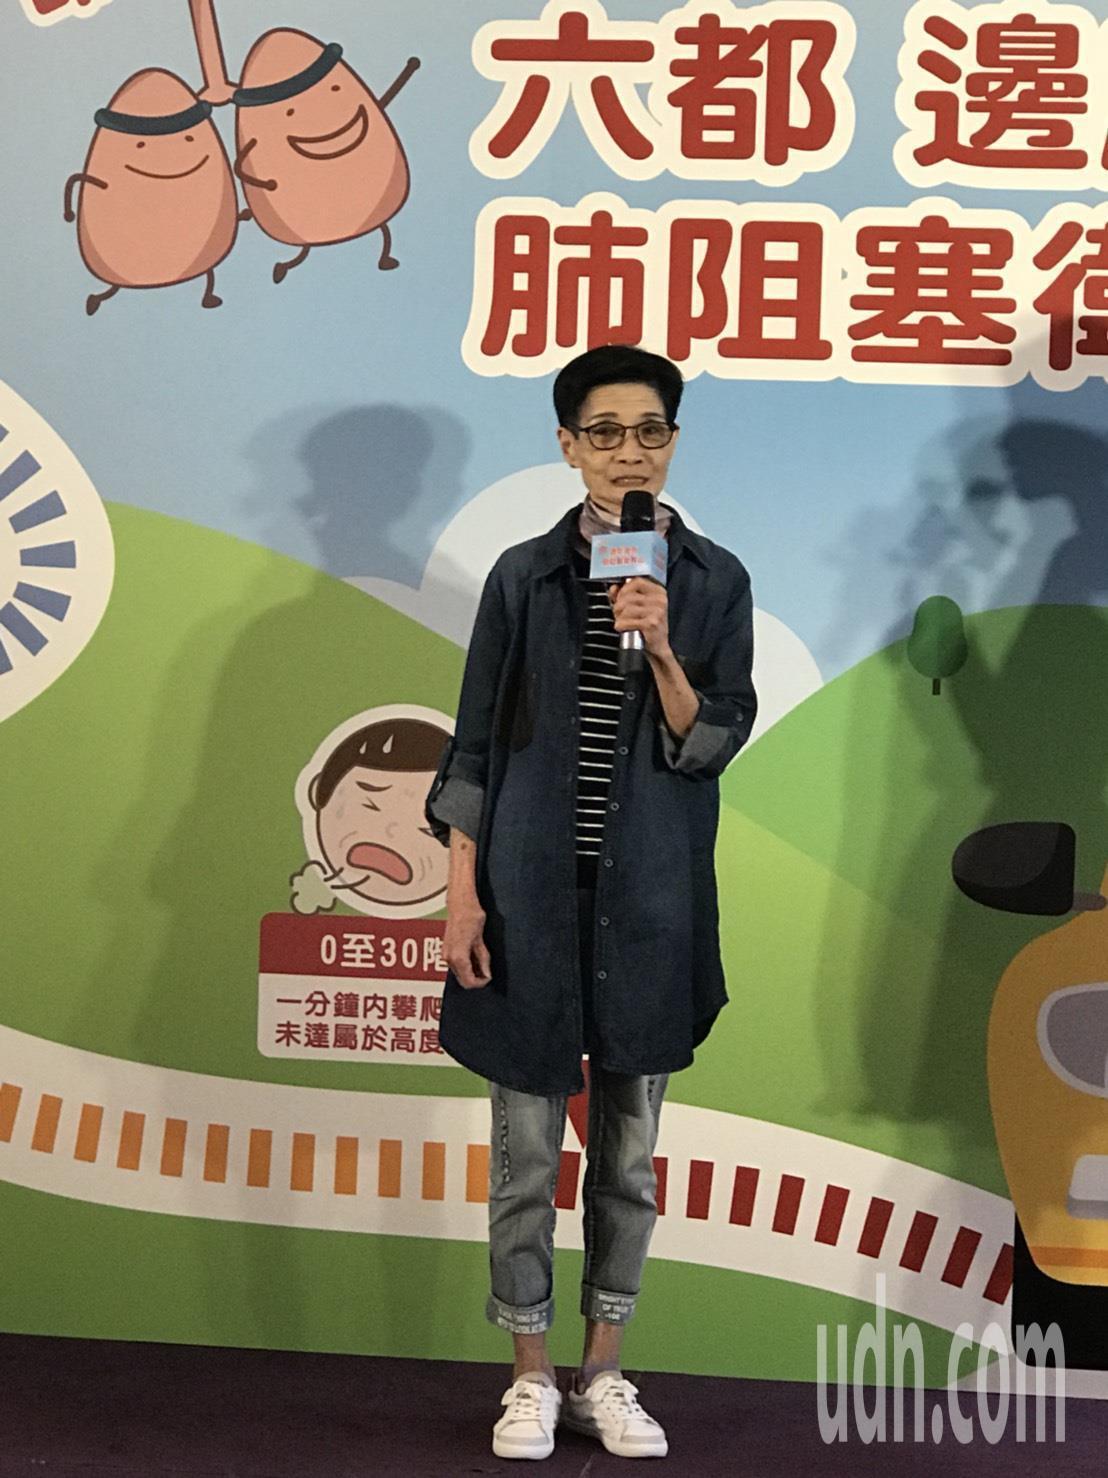 賴太太表示她無抽煙喝酒習慣,但年輕懷孕時因感冒誘發氣喘,從此肺功能就比較差;而後...